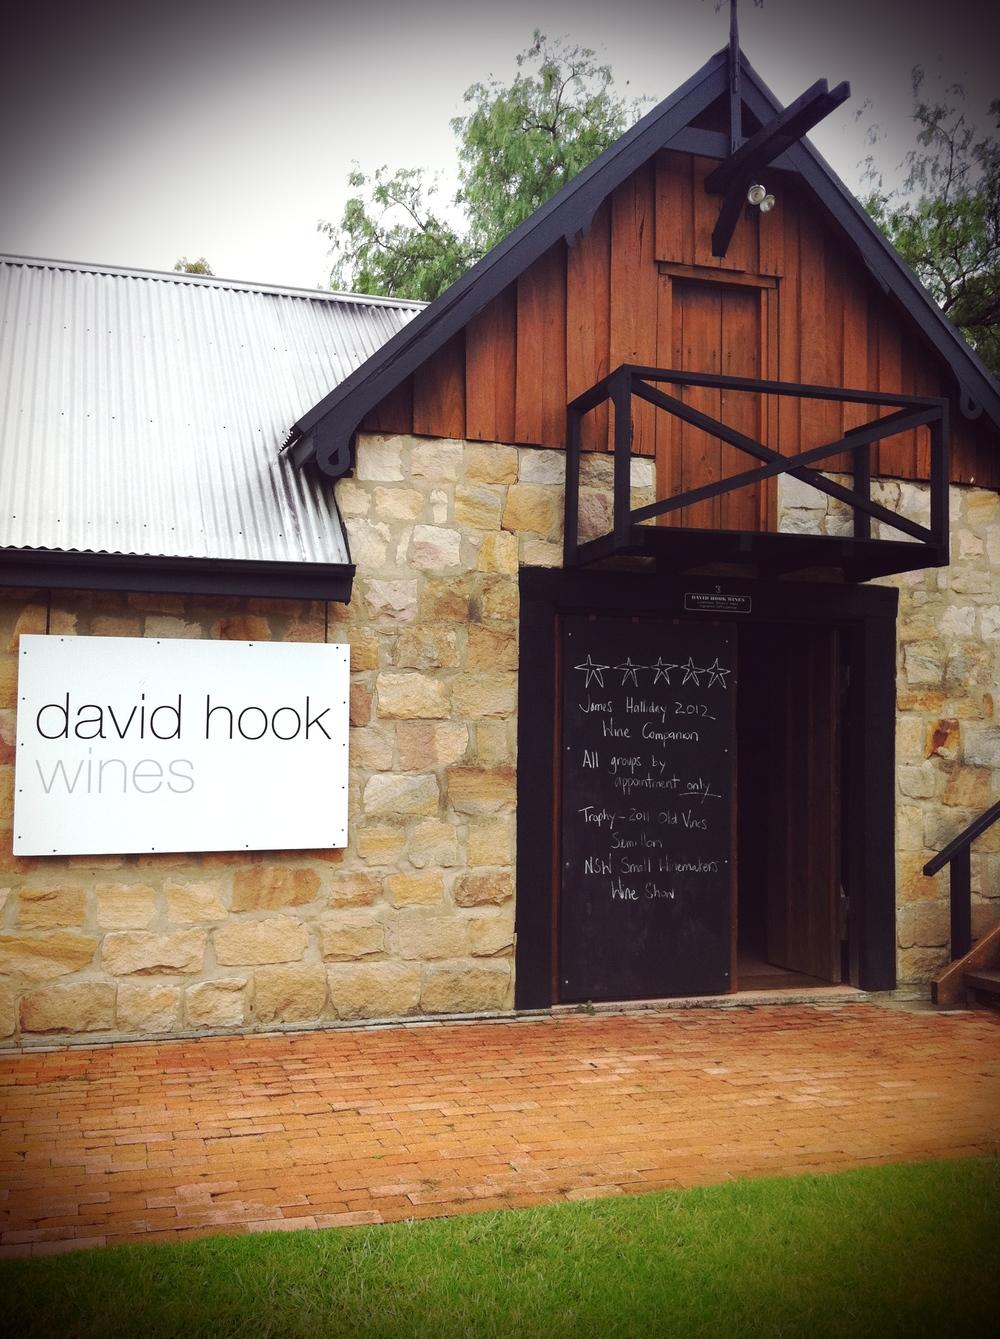 david hook wines.jpg